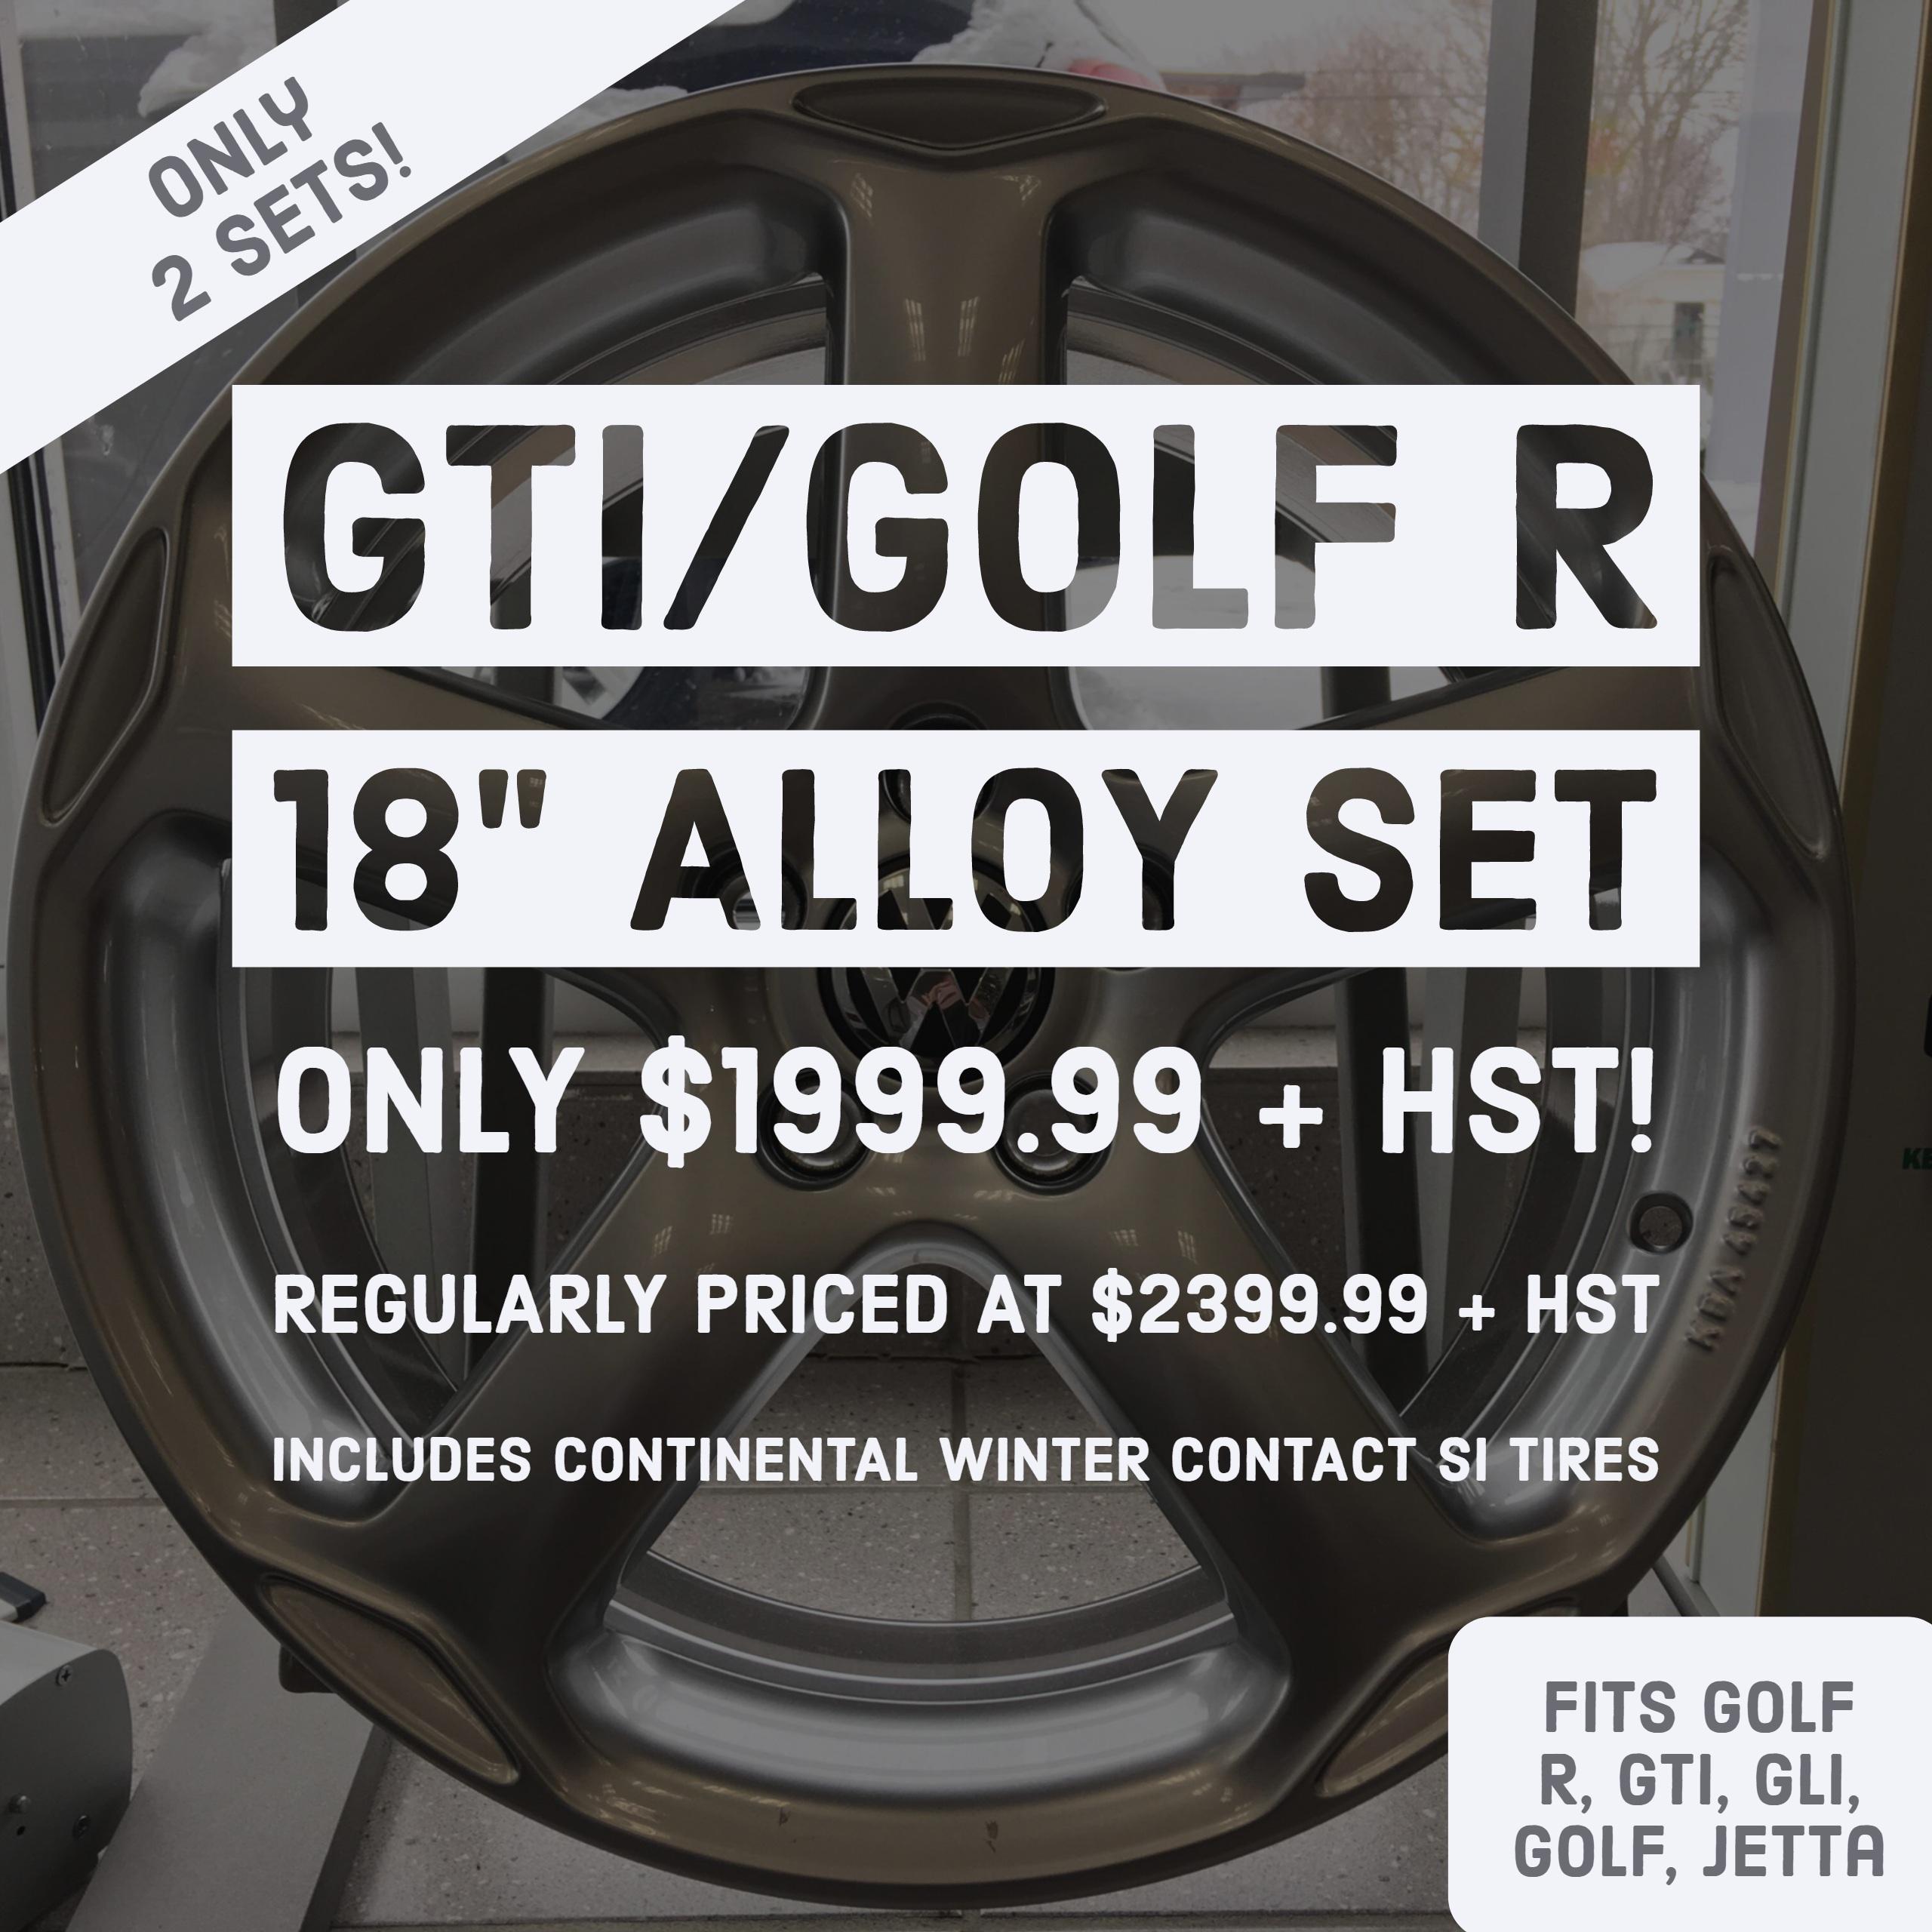 GTI Golf R Alloy Set